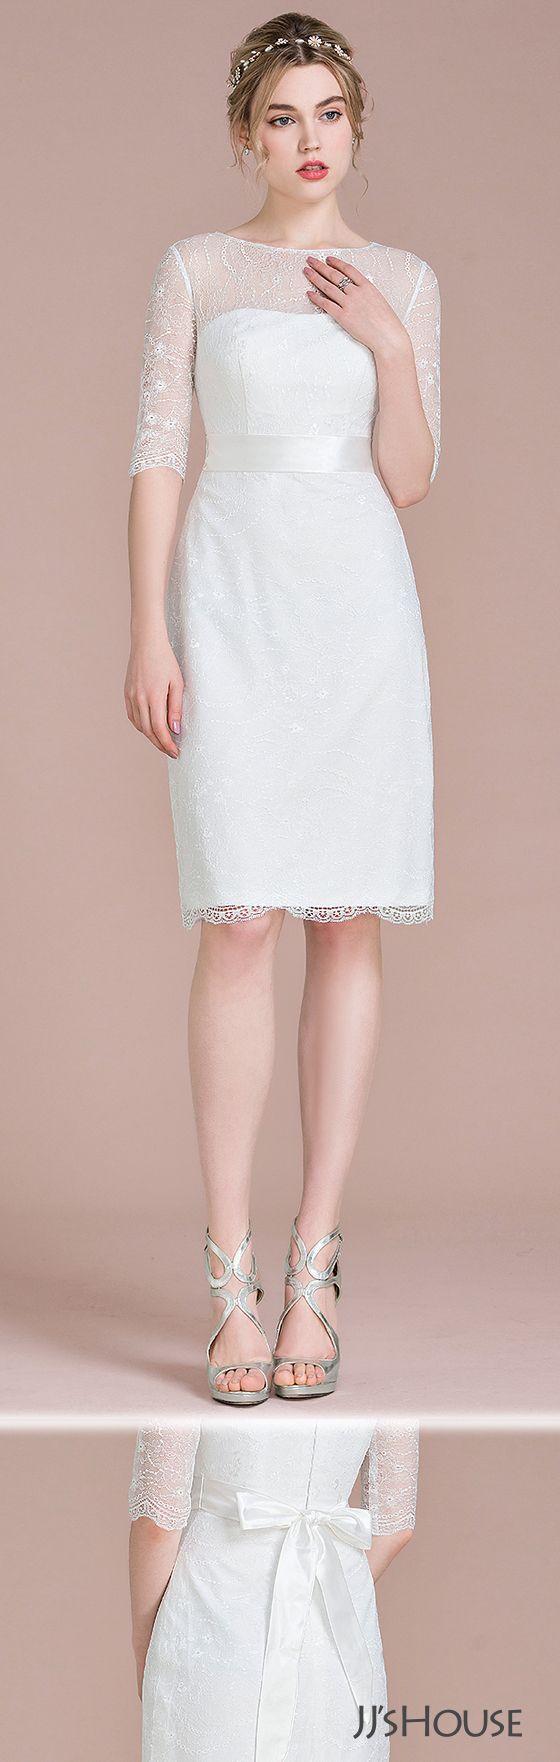 21 best Confirmation dresses images on Pinterest | Wedding frocks ...